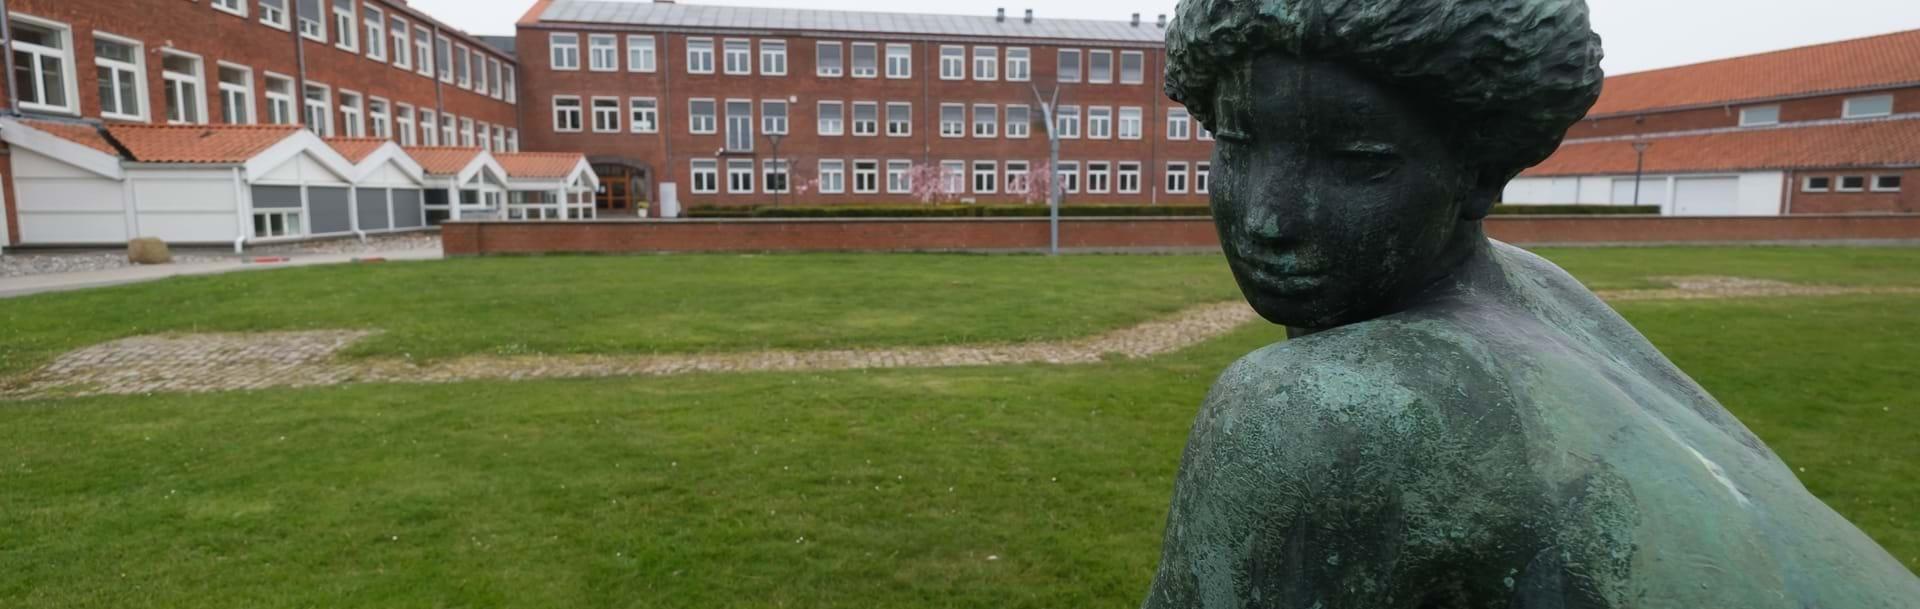 Nykøbing Katedralskoles bygninger set udefra med en statue i forgrunden